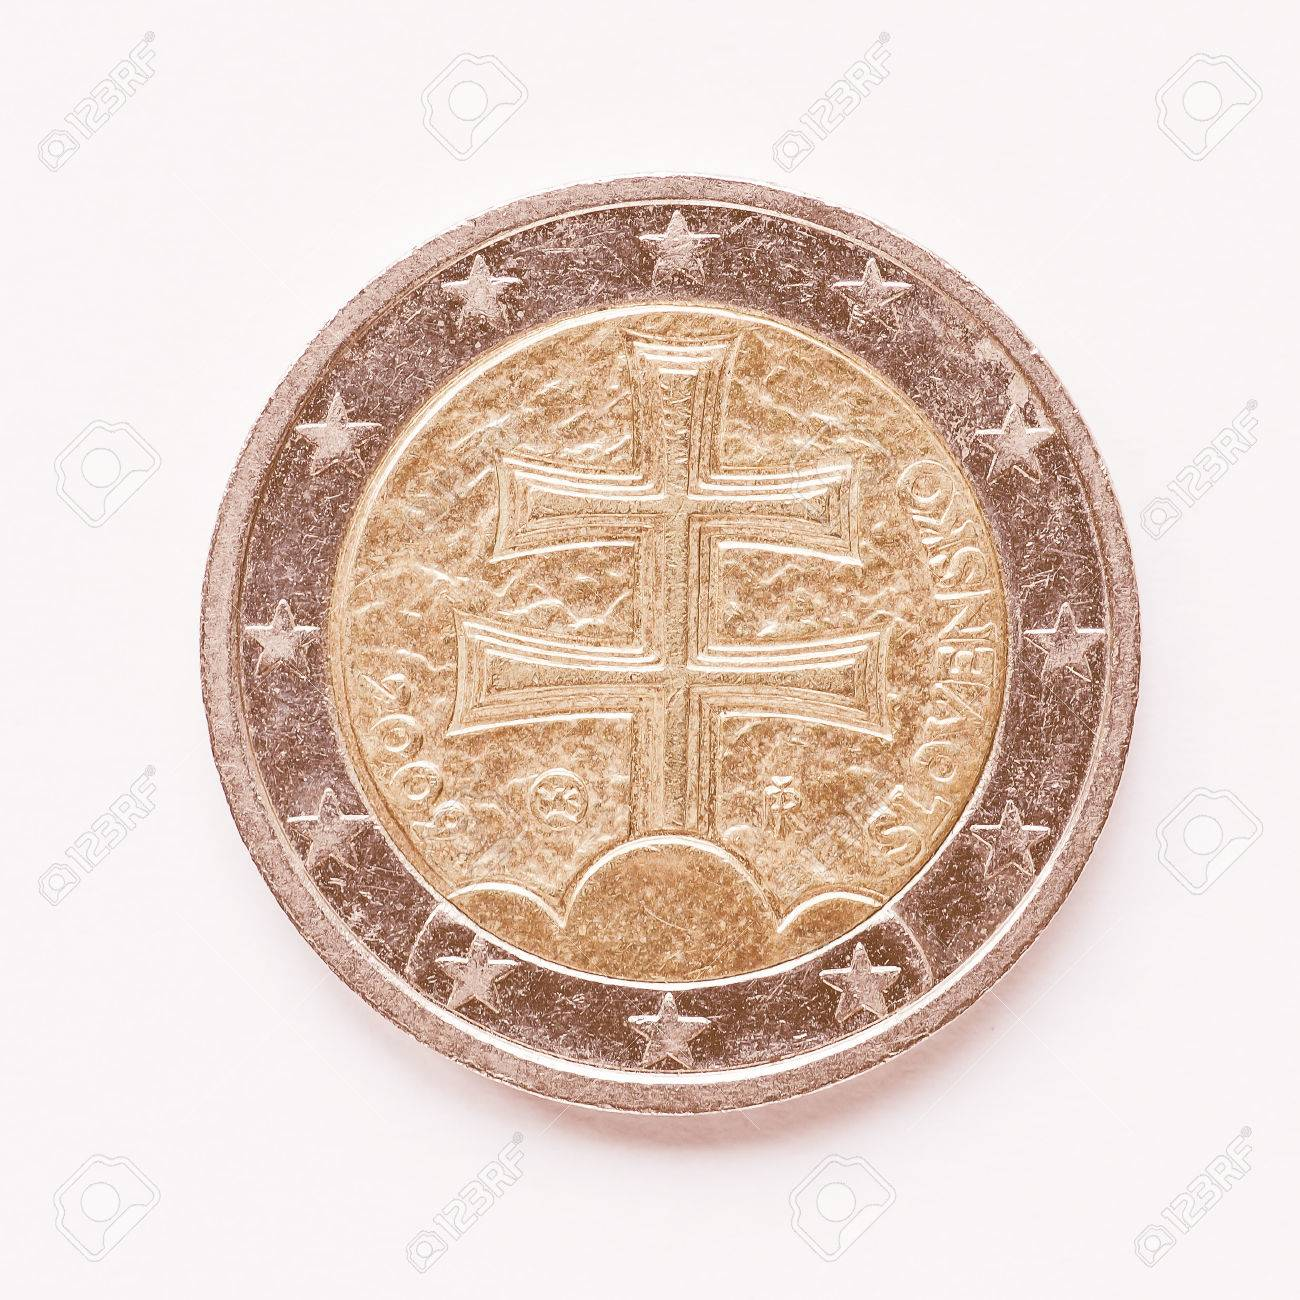 Währung Europas 2 Euro Münze Aus Der Slowakei Jahrgang Lizenzfreie